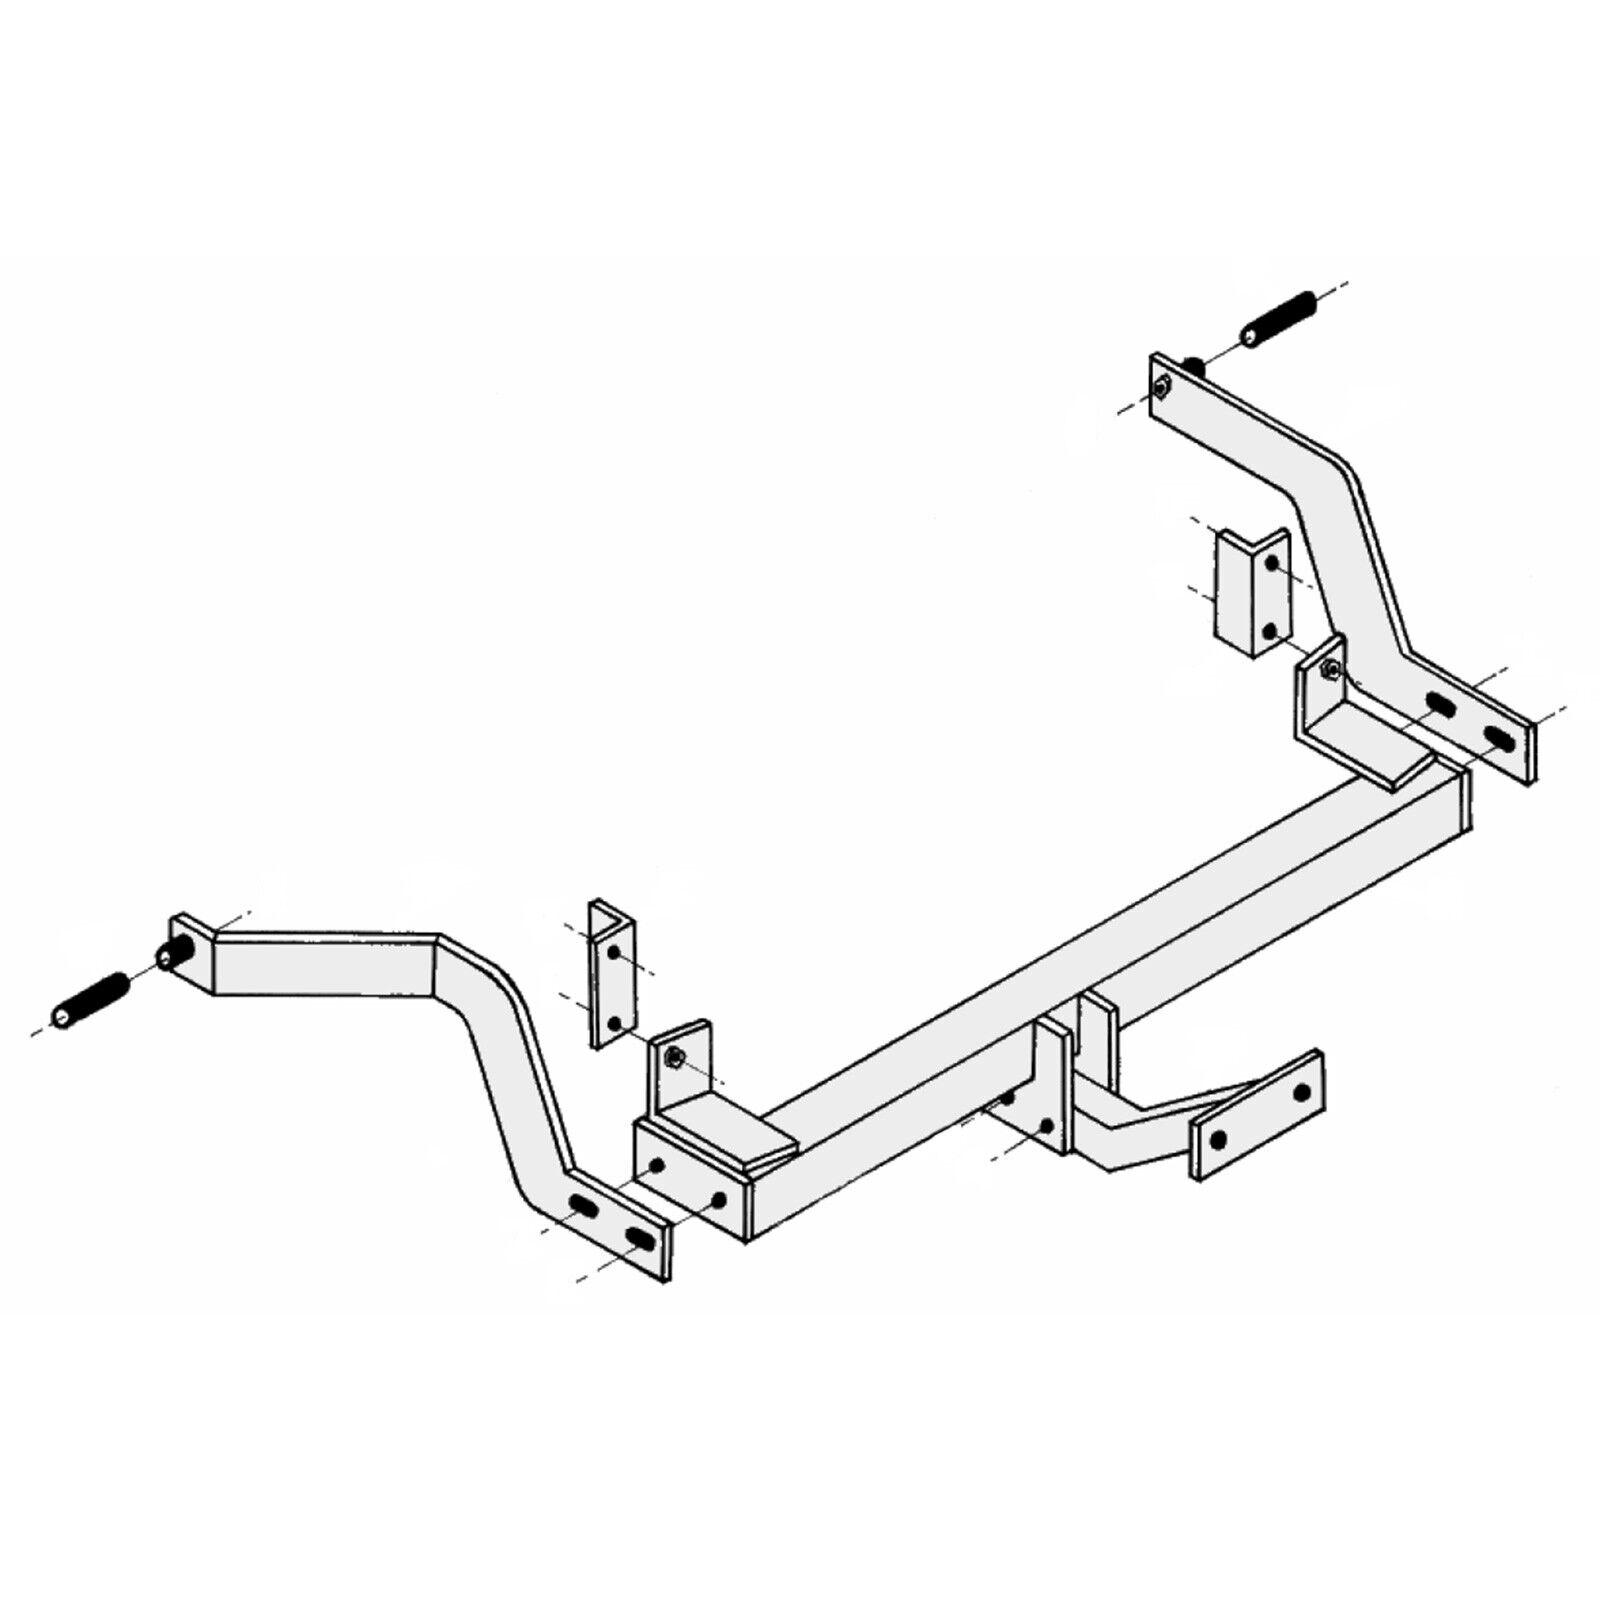 Megane Towbar Wiring Diagram